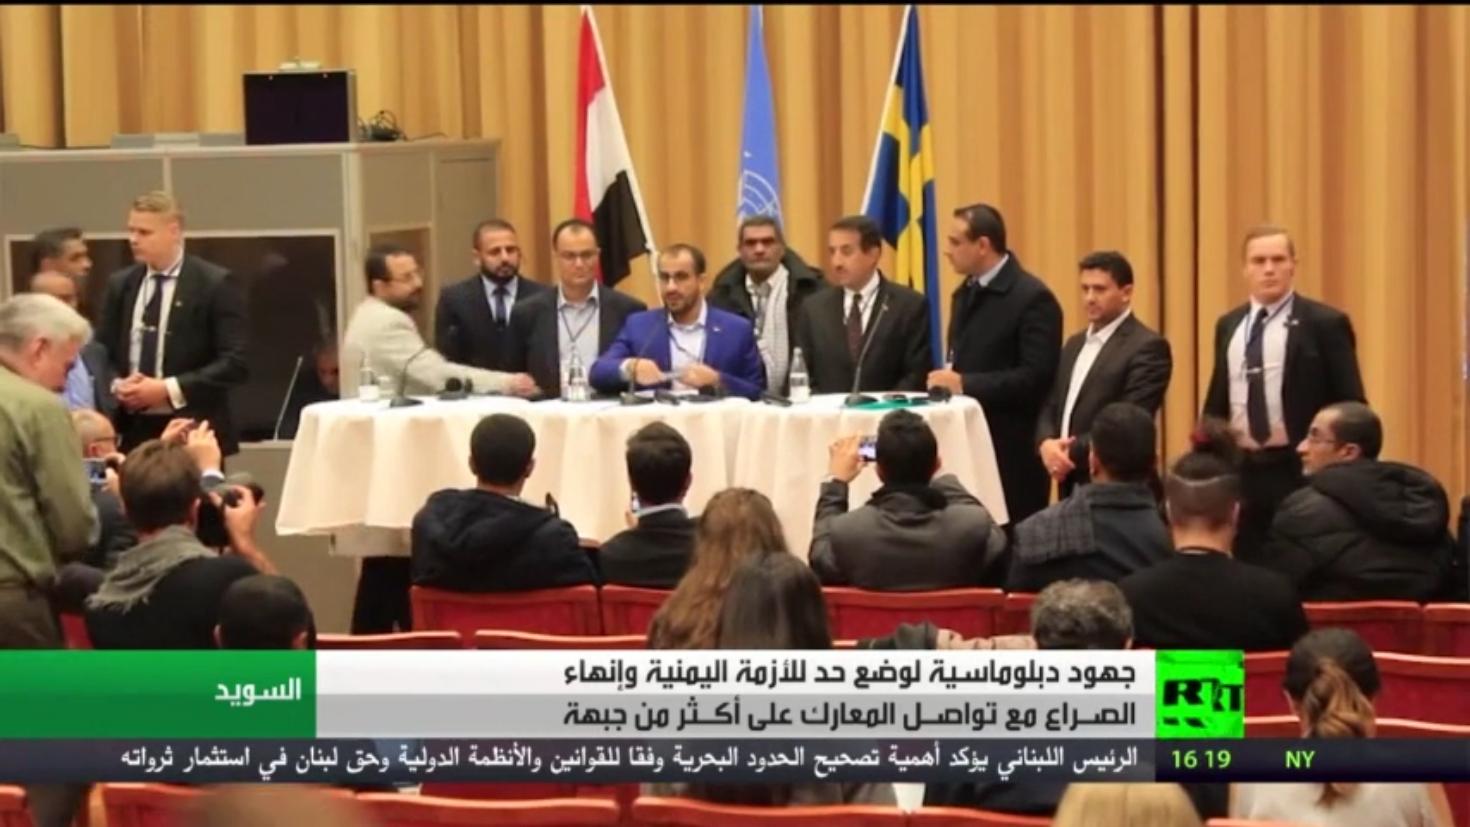 الأزمة اليمنية.. حراك سياسي لدفع المفاوضات